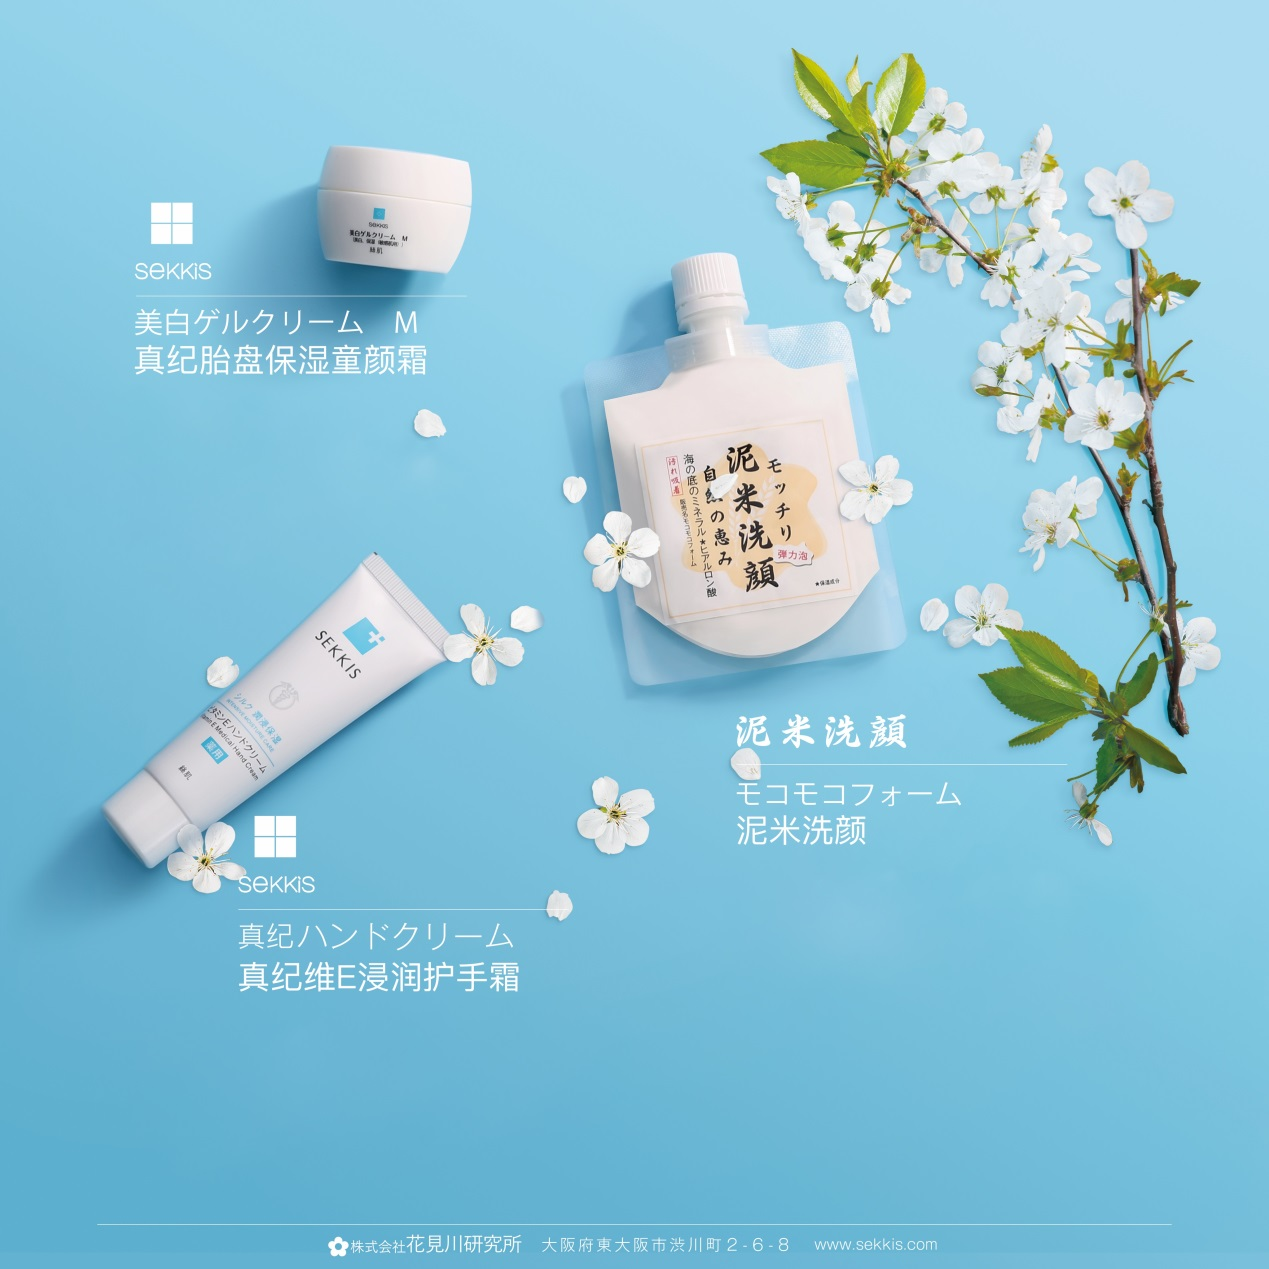 探秘日本花见川原装进口药妆品牌丝肌